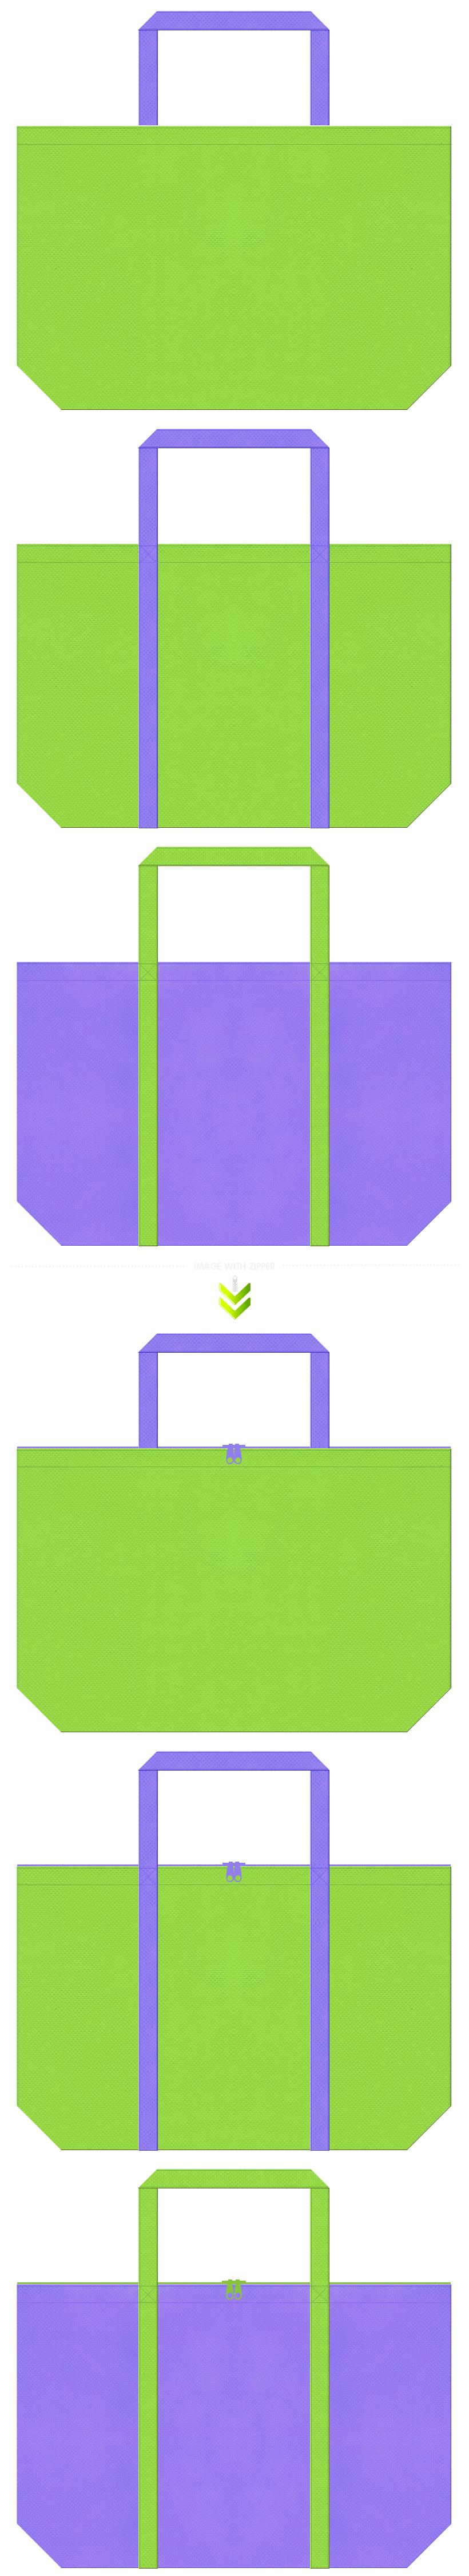 藤・杜若・朝顔・紫陽花風の不織布バッグデザイン:黄緑色と薄紫色のコーデ